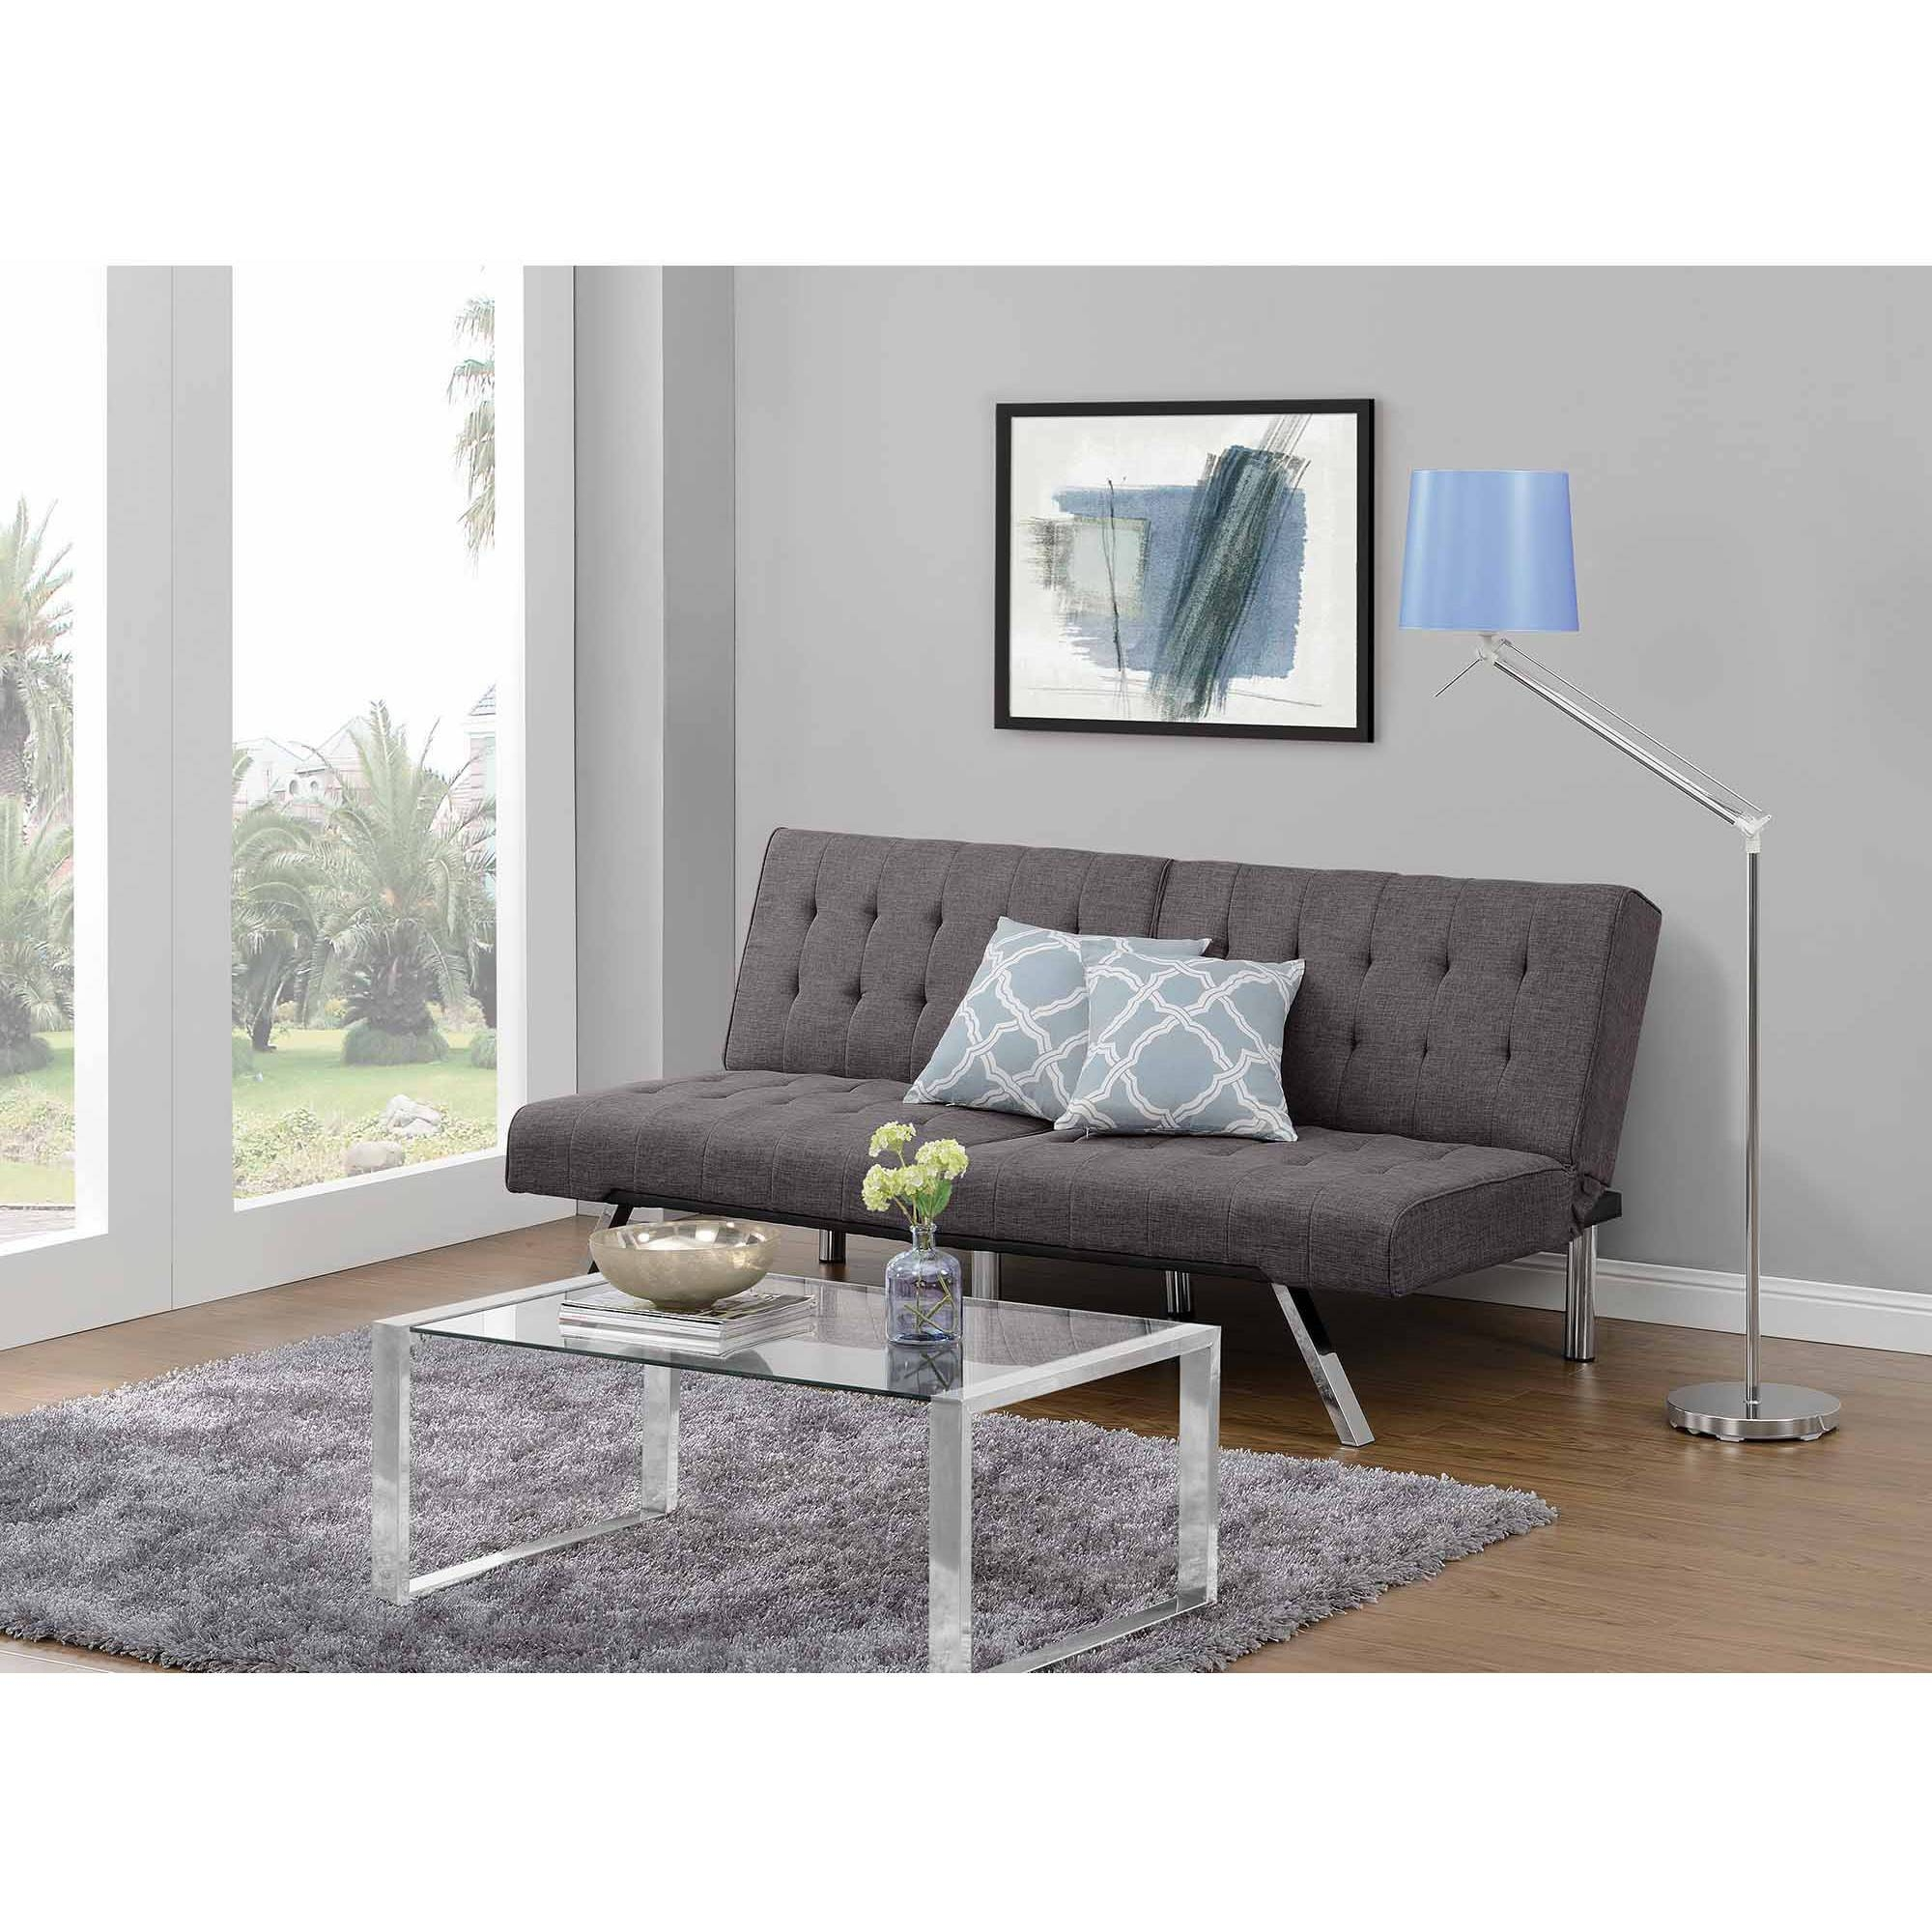 Futons, Futon Beds, Sofa Beds - Walmart pertaining to Fulton Sofa Beds (Image 24 of 30)